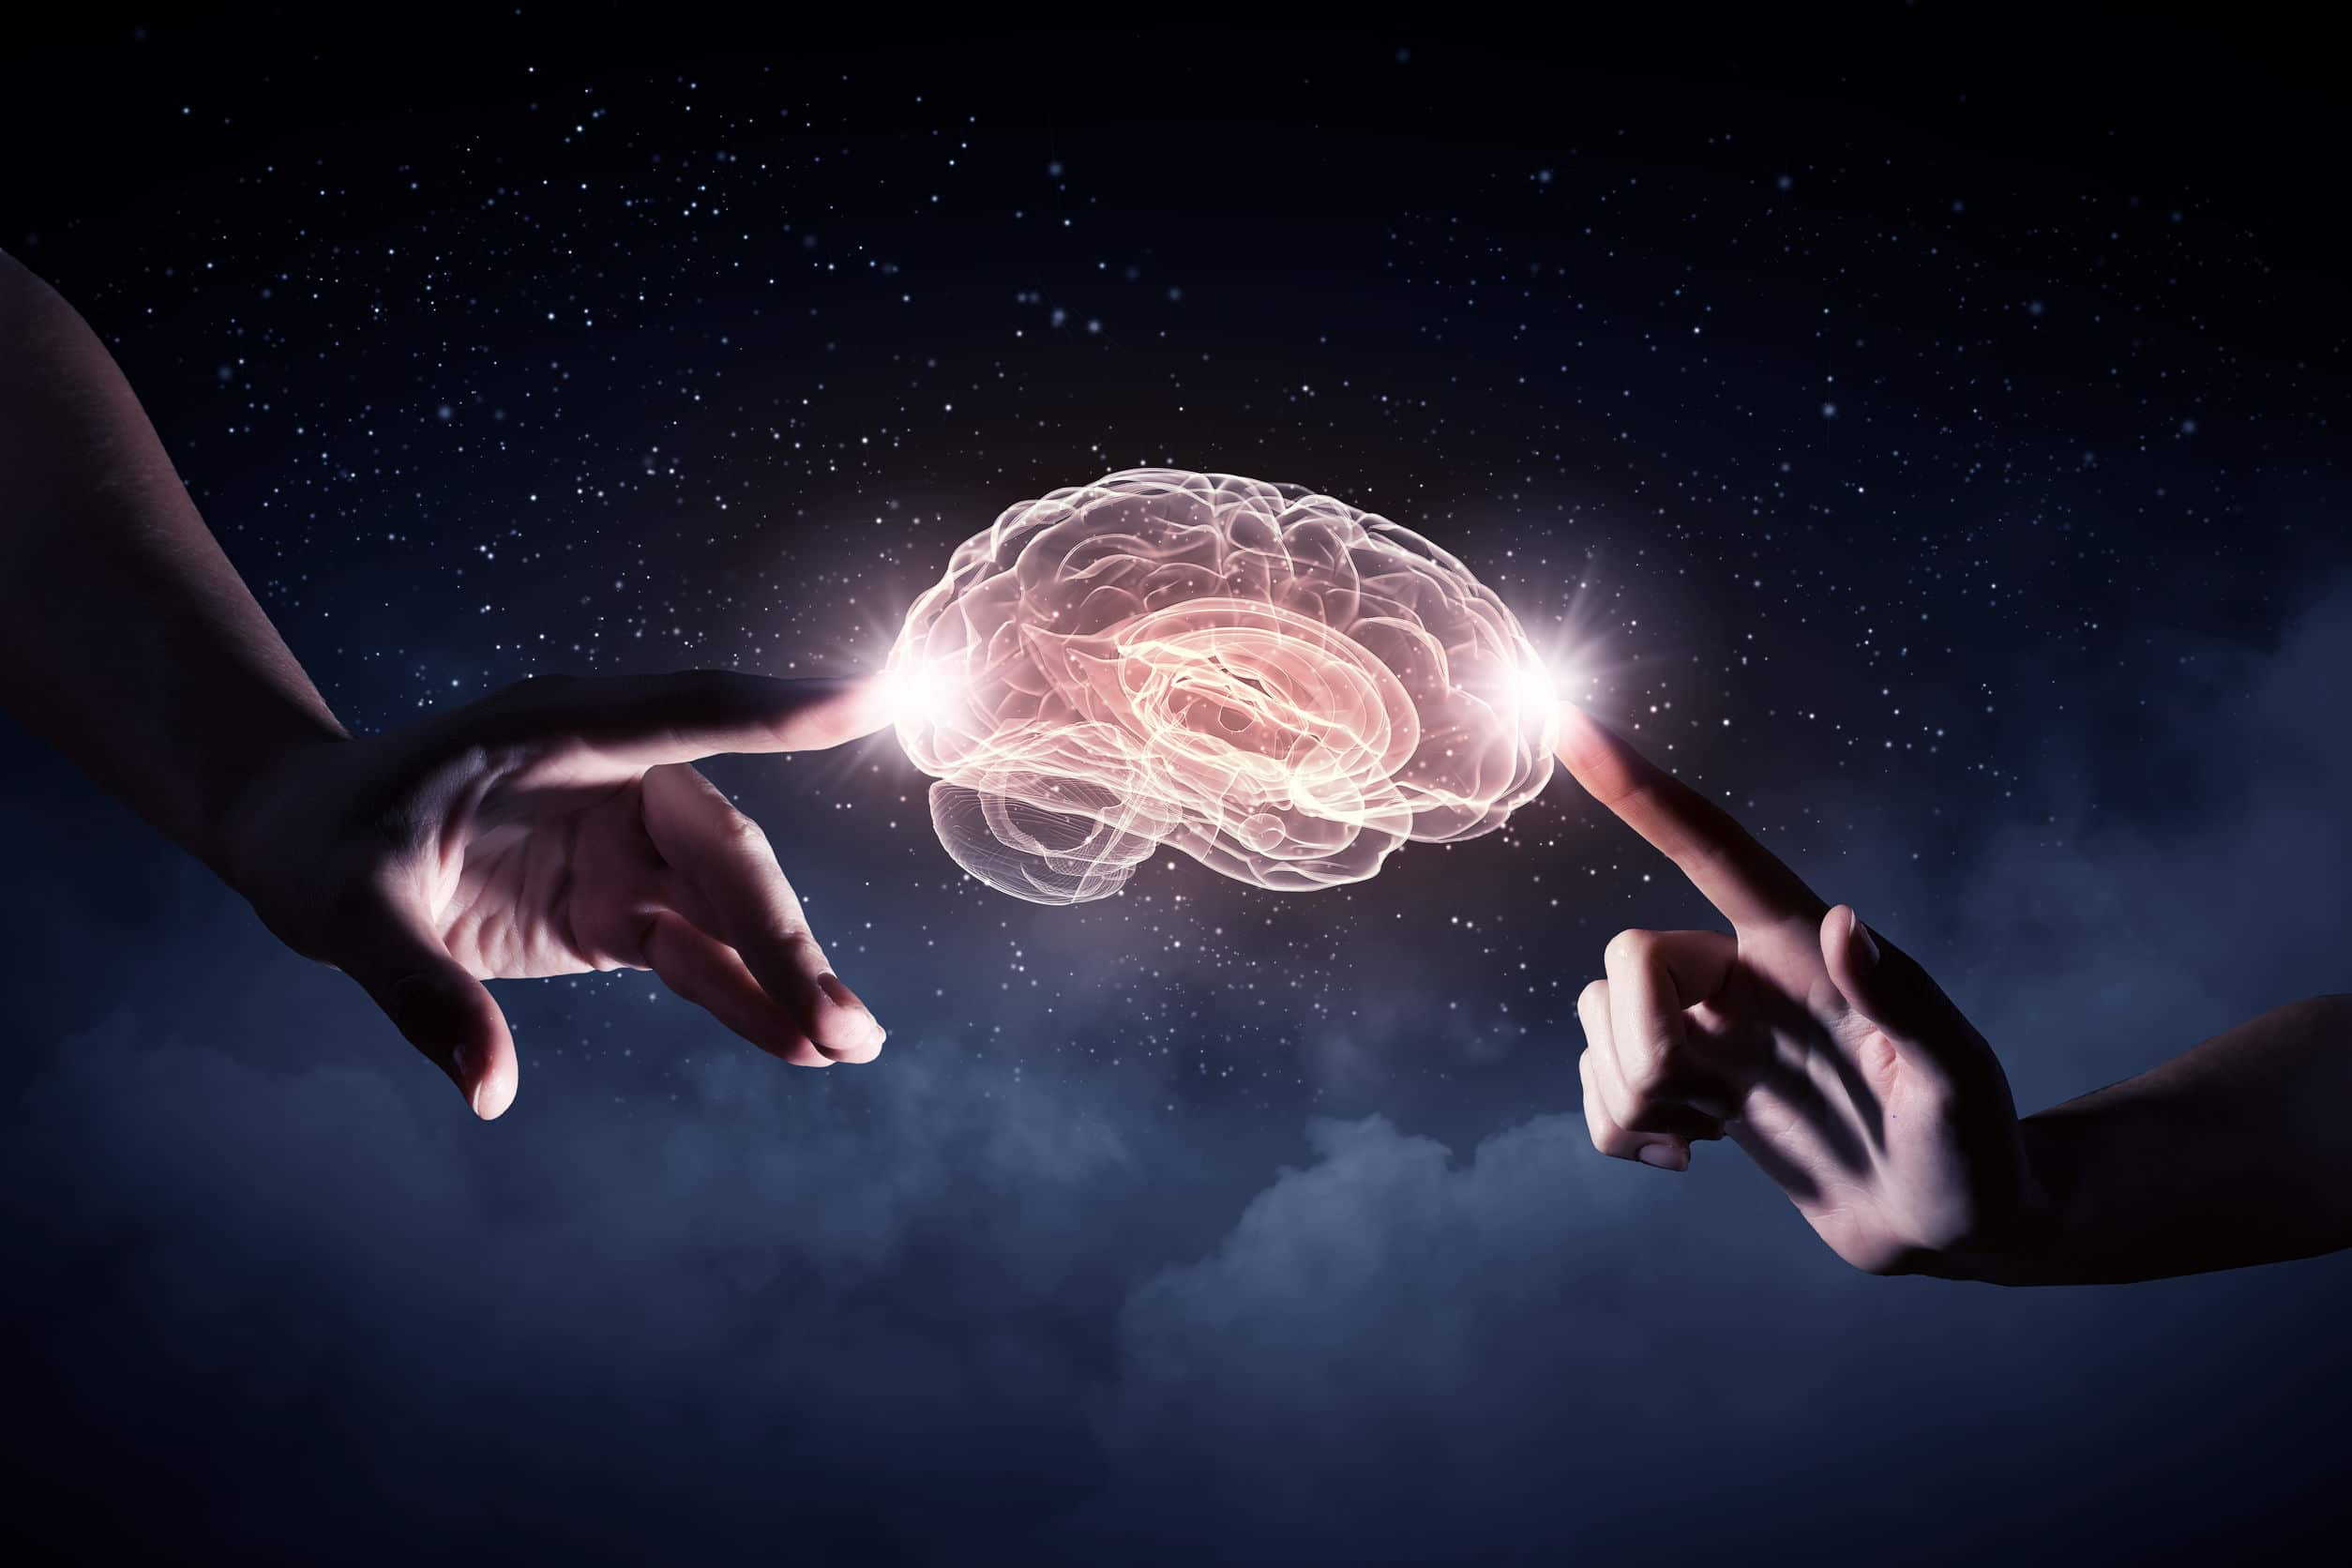 Mãos tocando cérebro com conexões luminosas